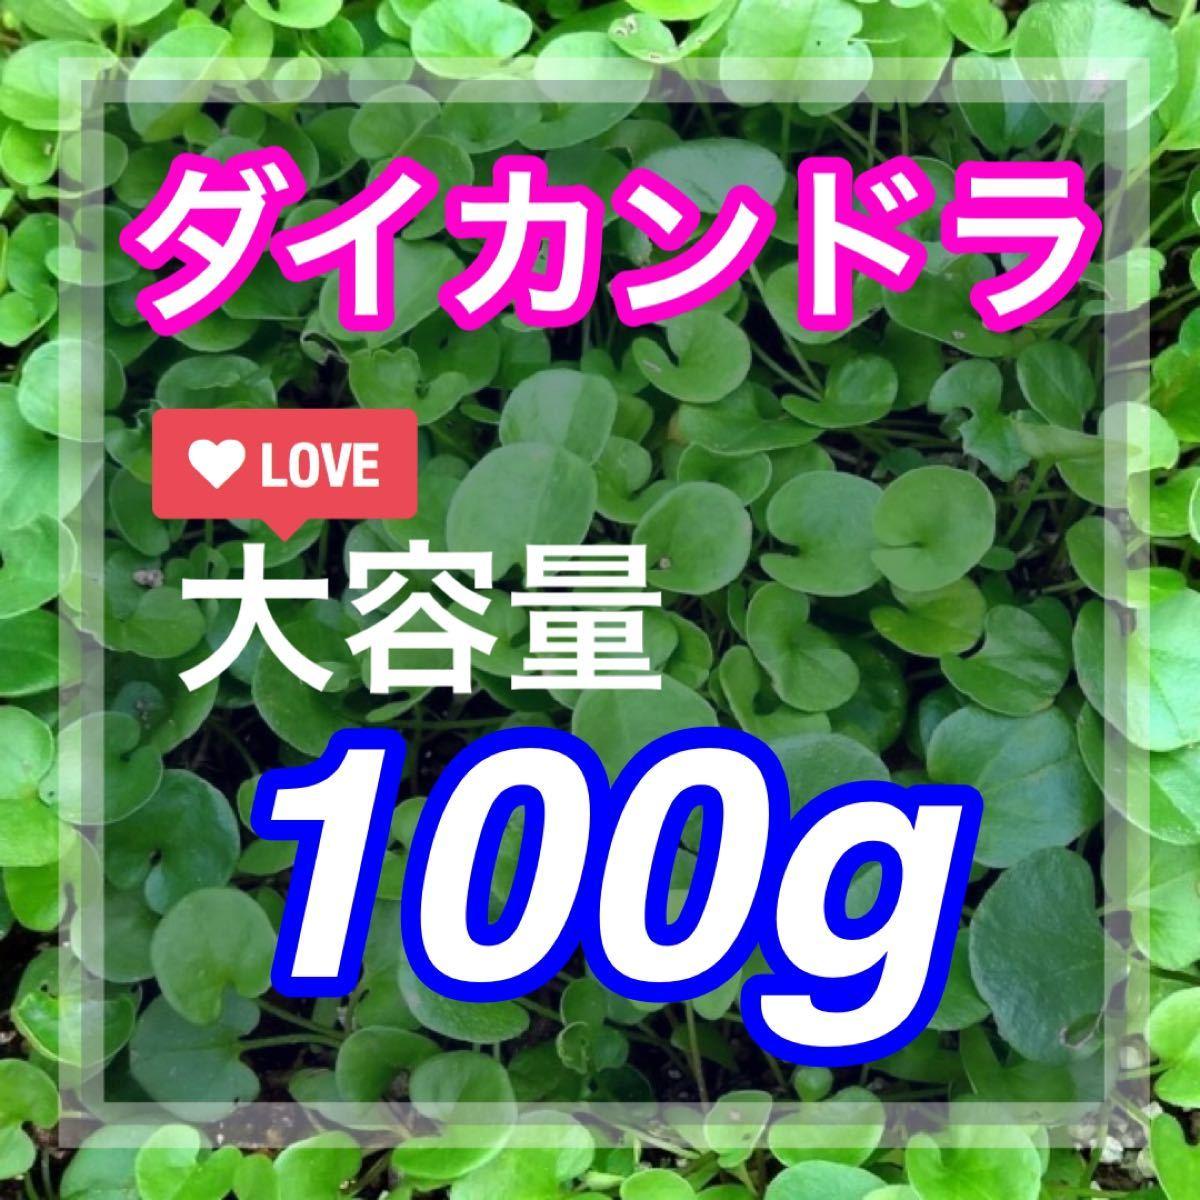 【最安値】ダイカンドラ100g種子<7平米!> 芝生、グランドカバー♪♪